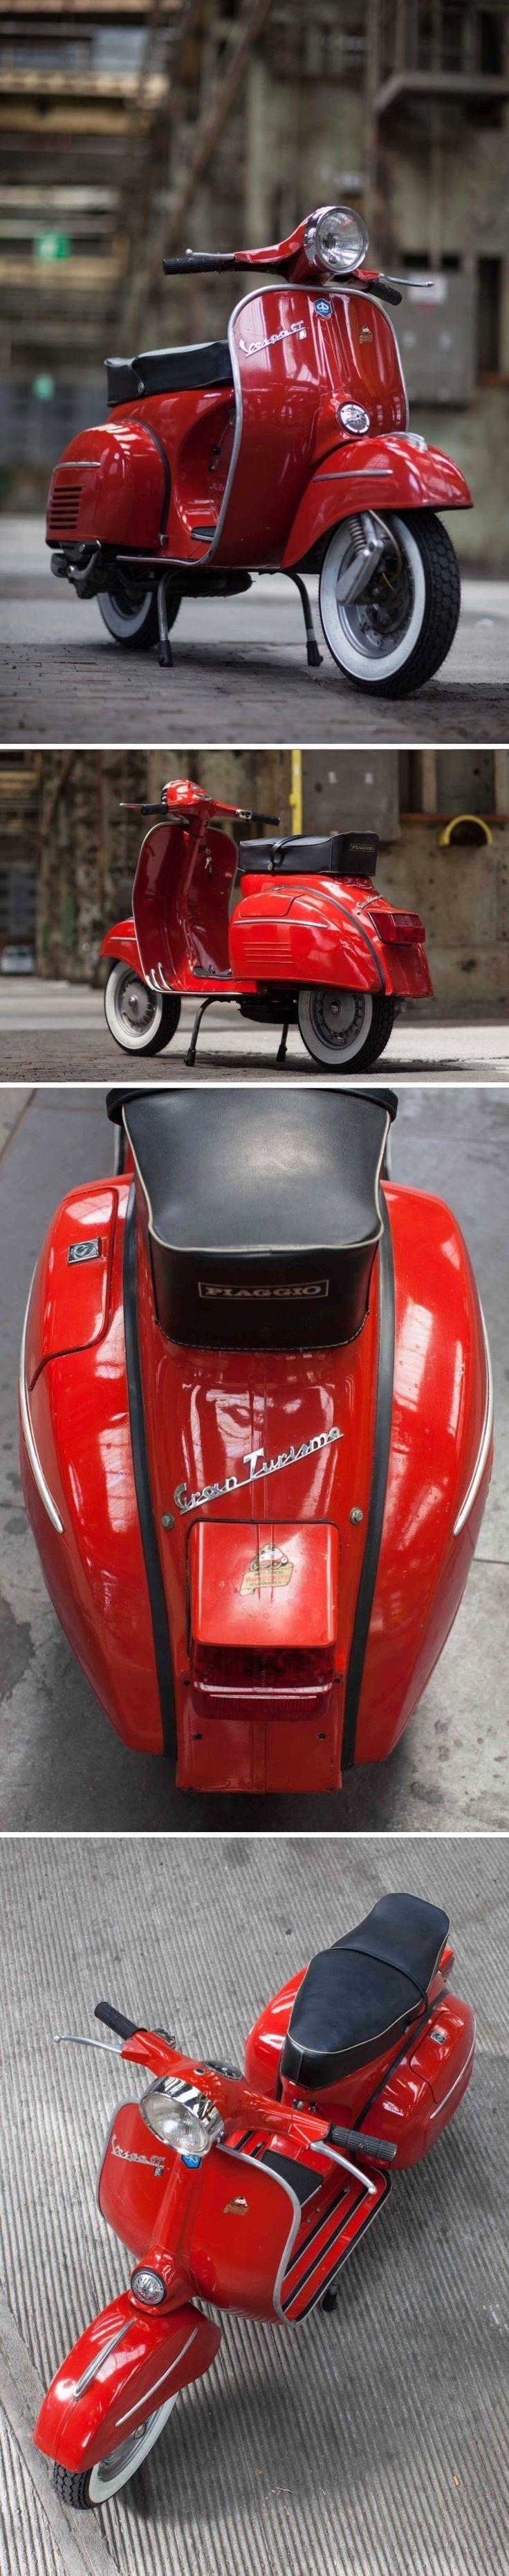 Vespa 125 Gran Turismo R 1972